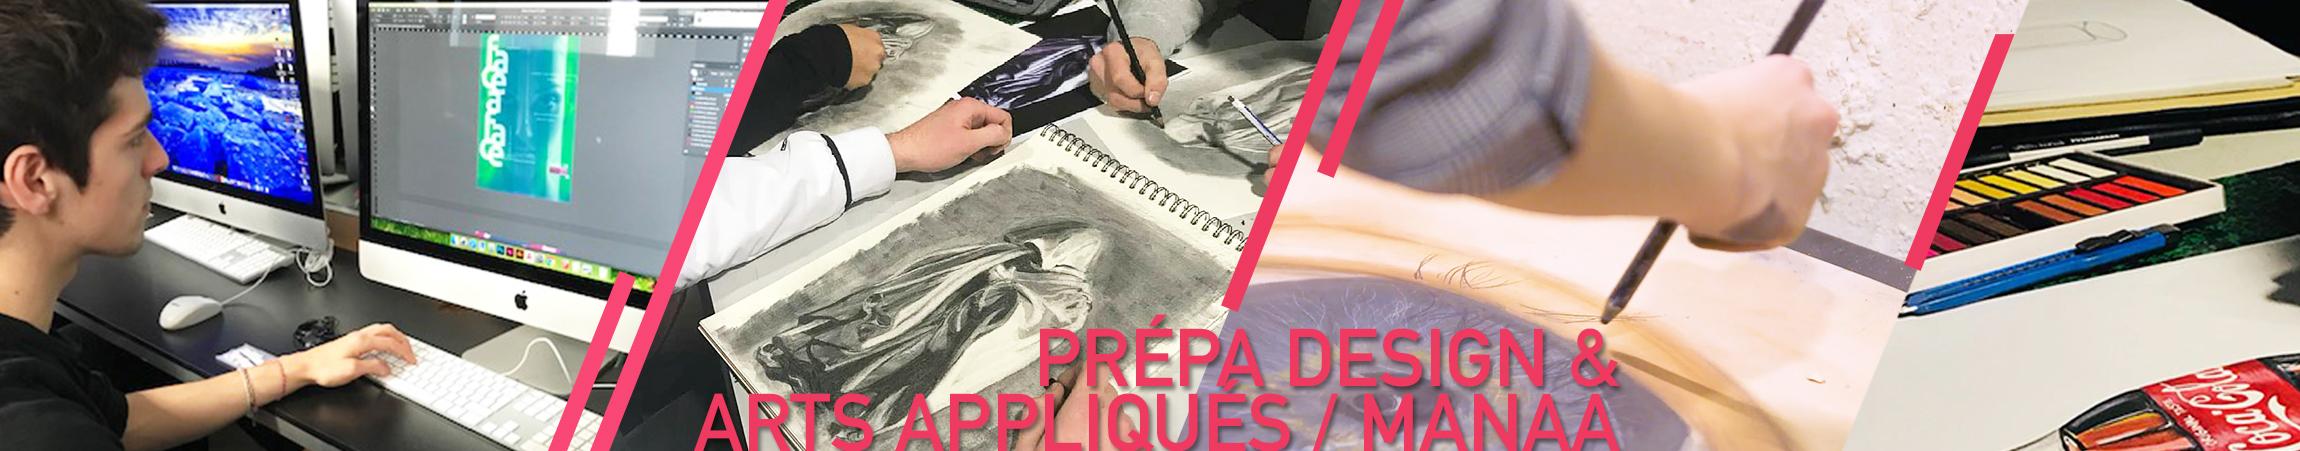 Comart-Design-Paris-Formation-PREPA Arts Appliques MANAA